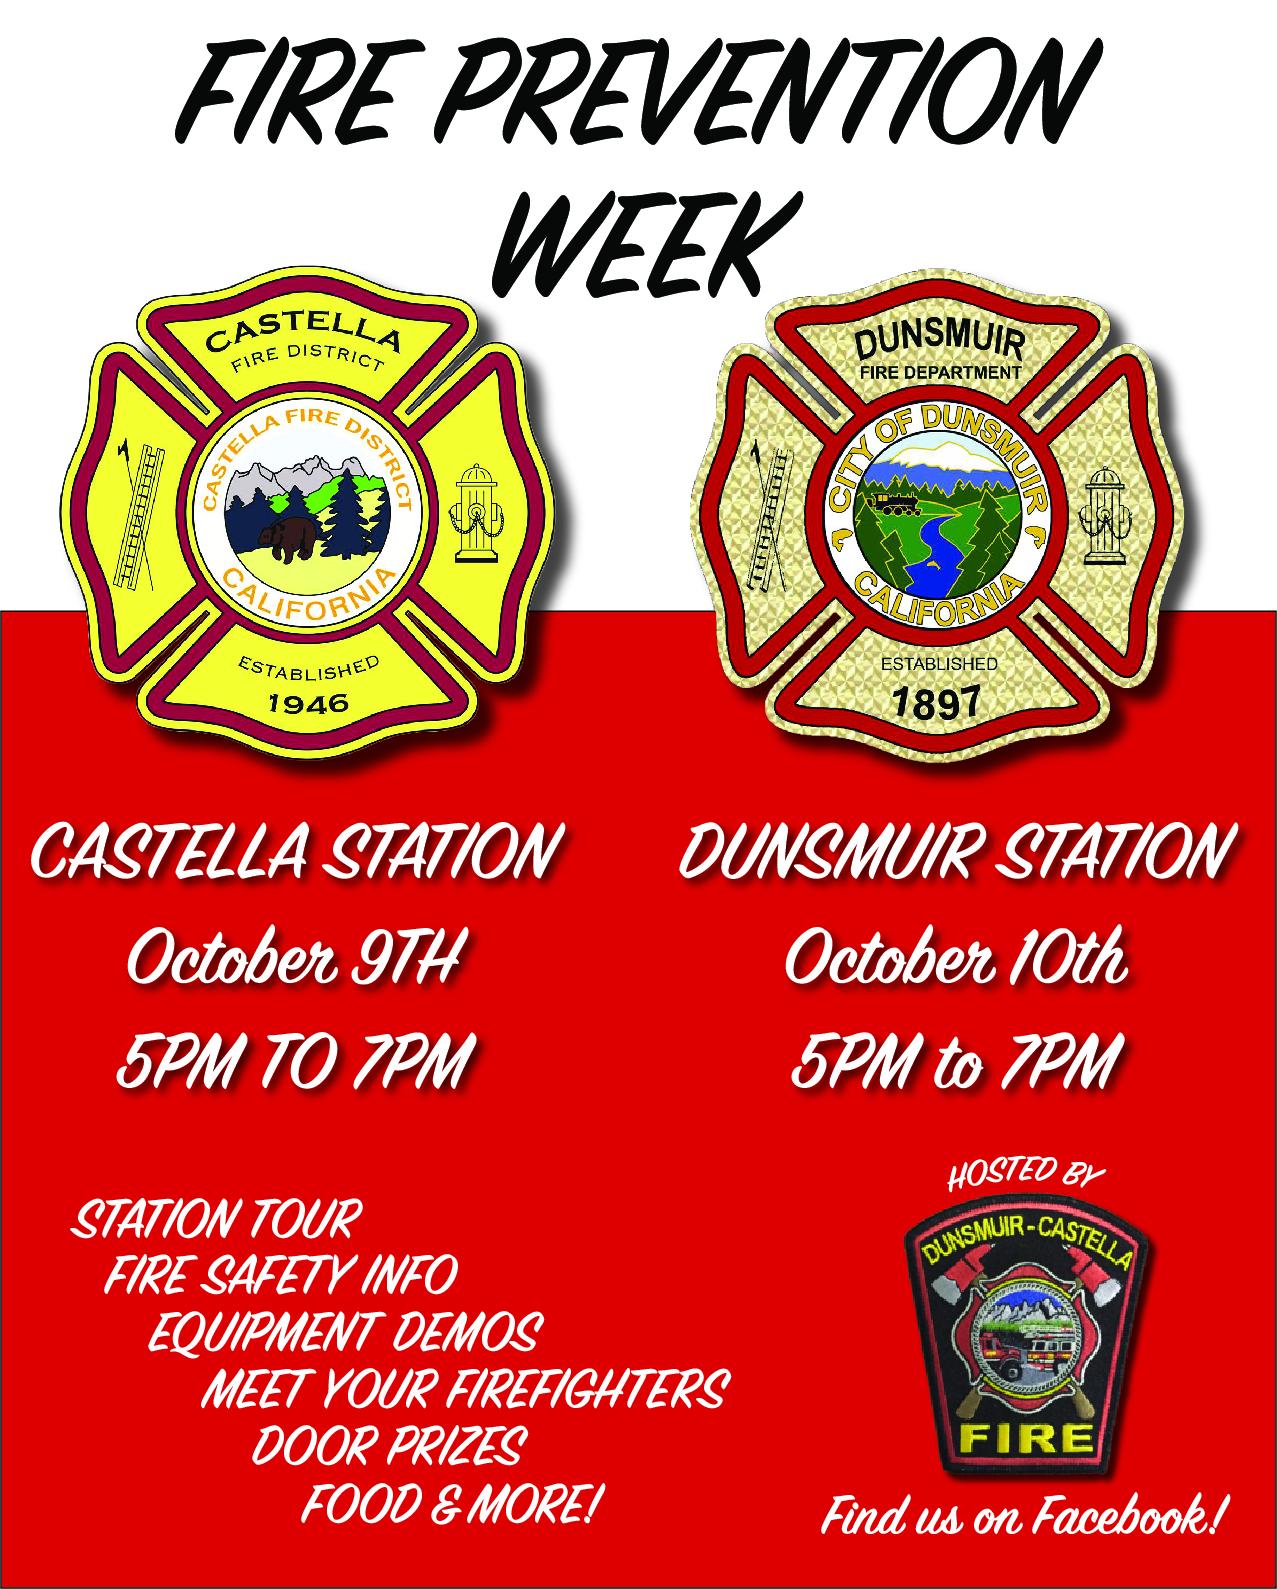 fire prevention week flier